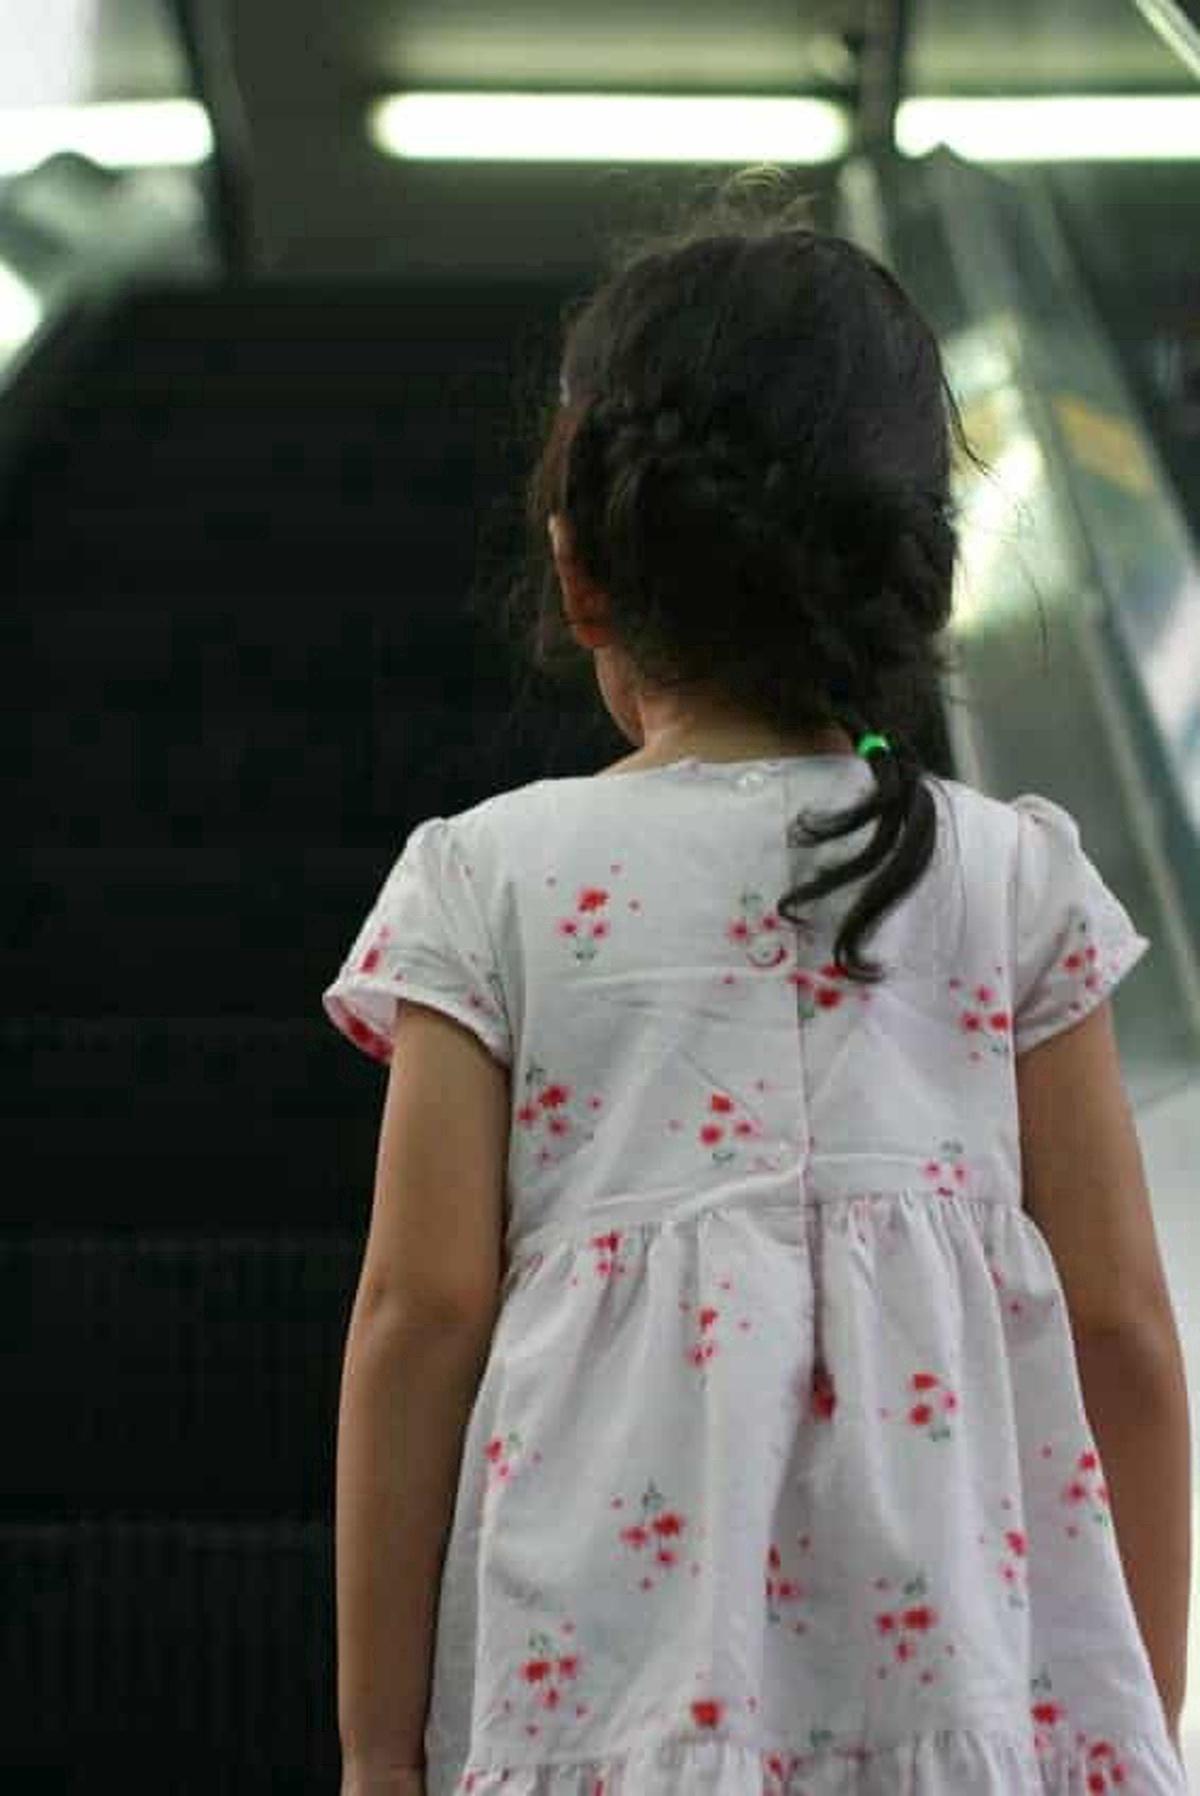 Niña subiendo una escalera eléctrica. Pulzo.com